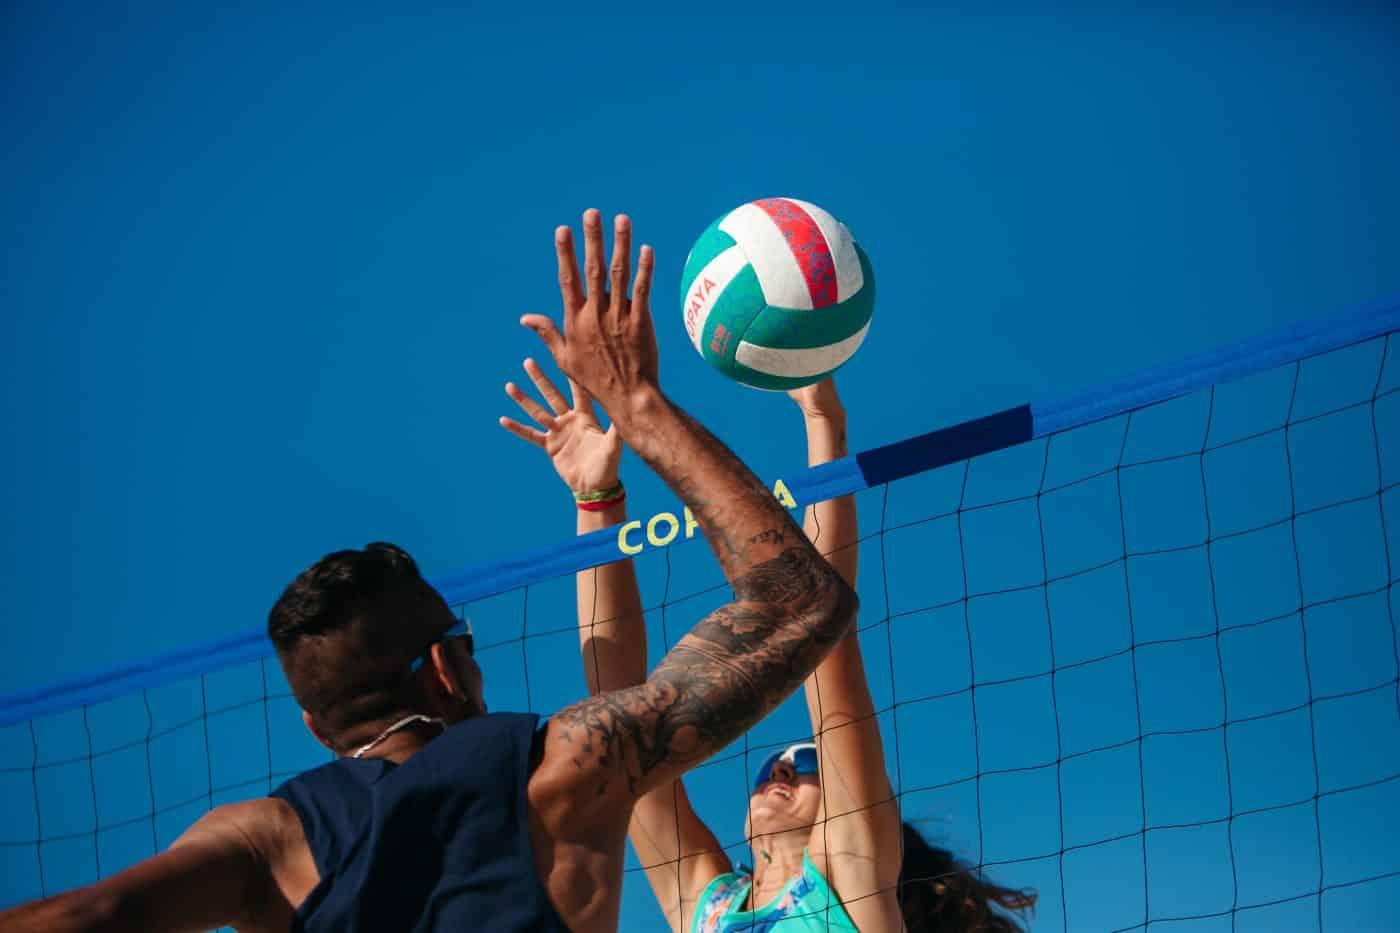 copaya-la-nouvelle-marque-de-beach-volley-chez-decathlon-5